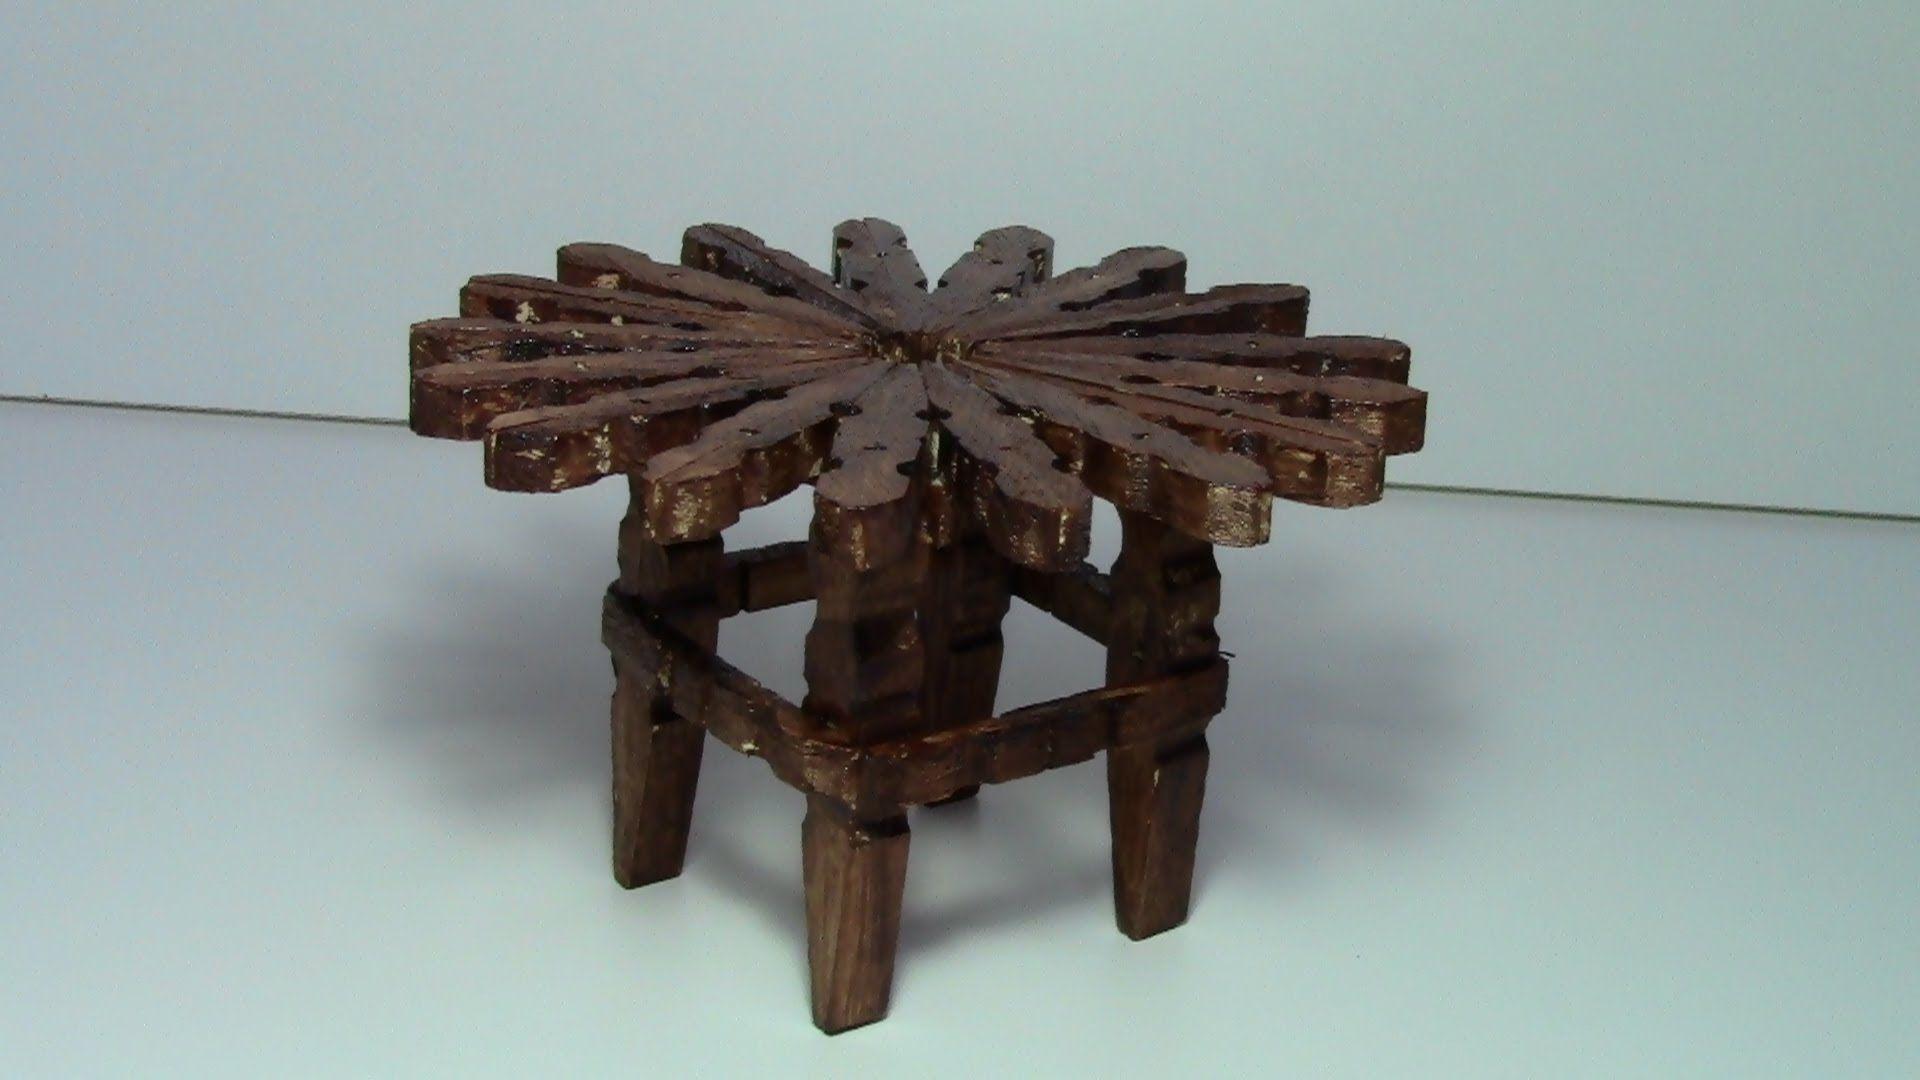 Tutorial Mesa Con Pinzas De Madera Tutorial Table With Wooden Pegs Artesanias Con Pinzas De Ropa Muebles De Ganchillo Pinzas De Ropa